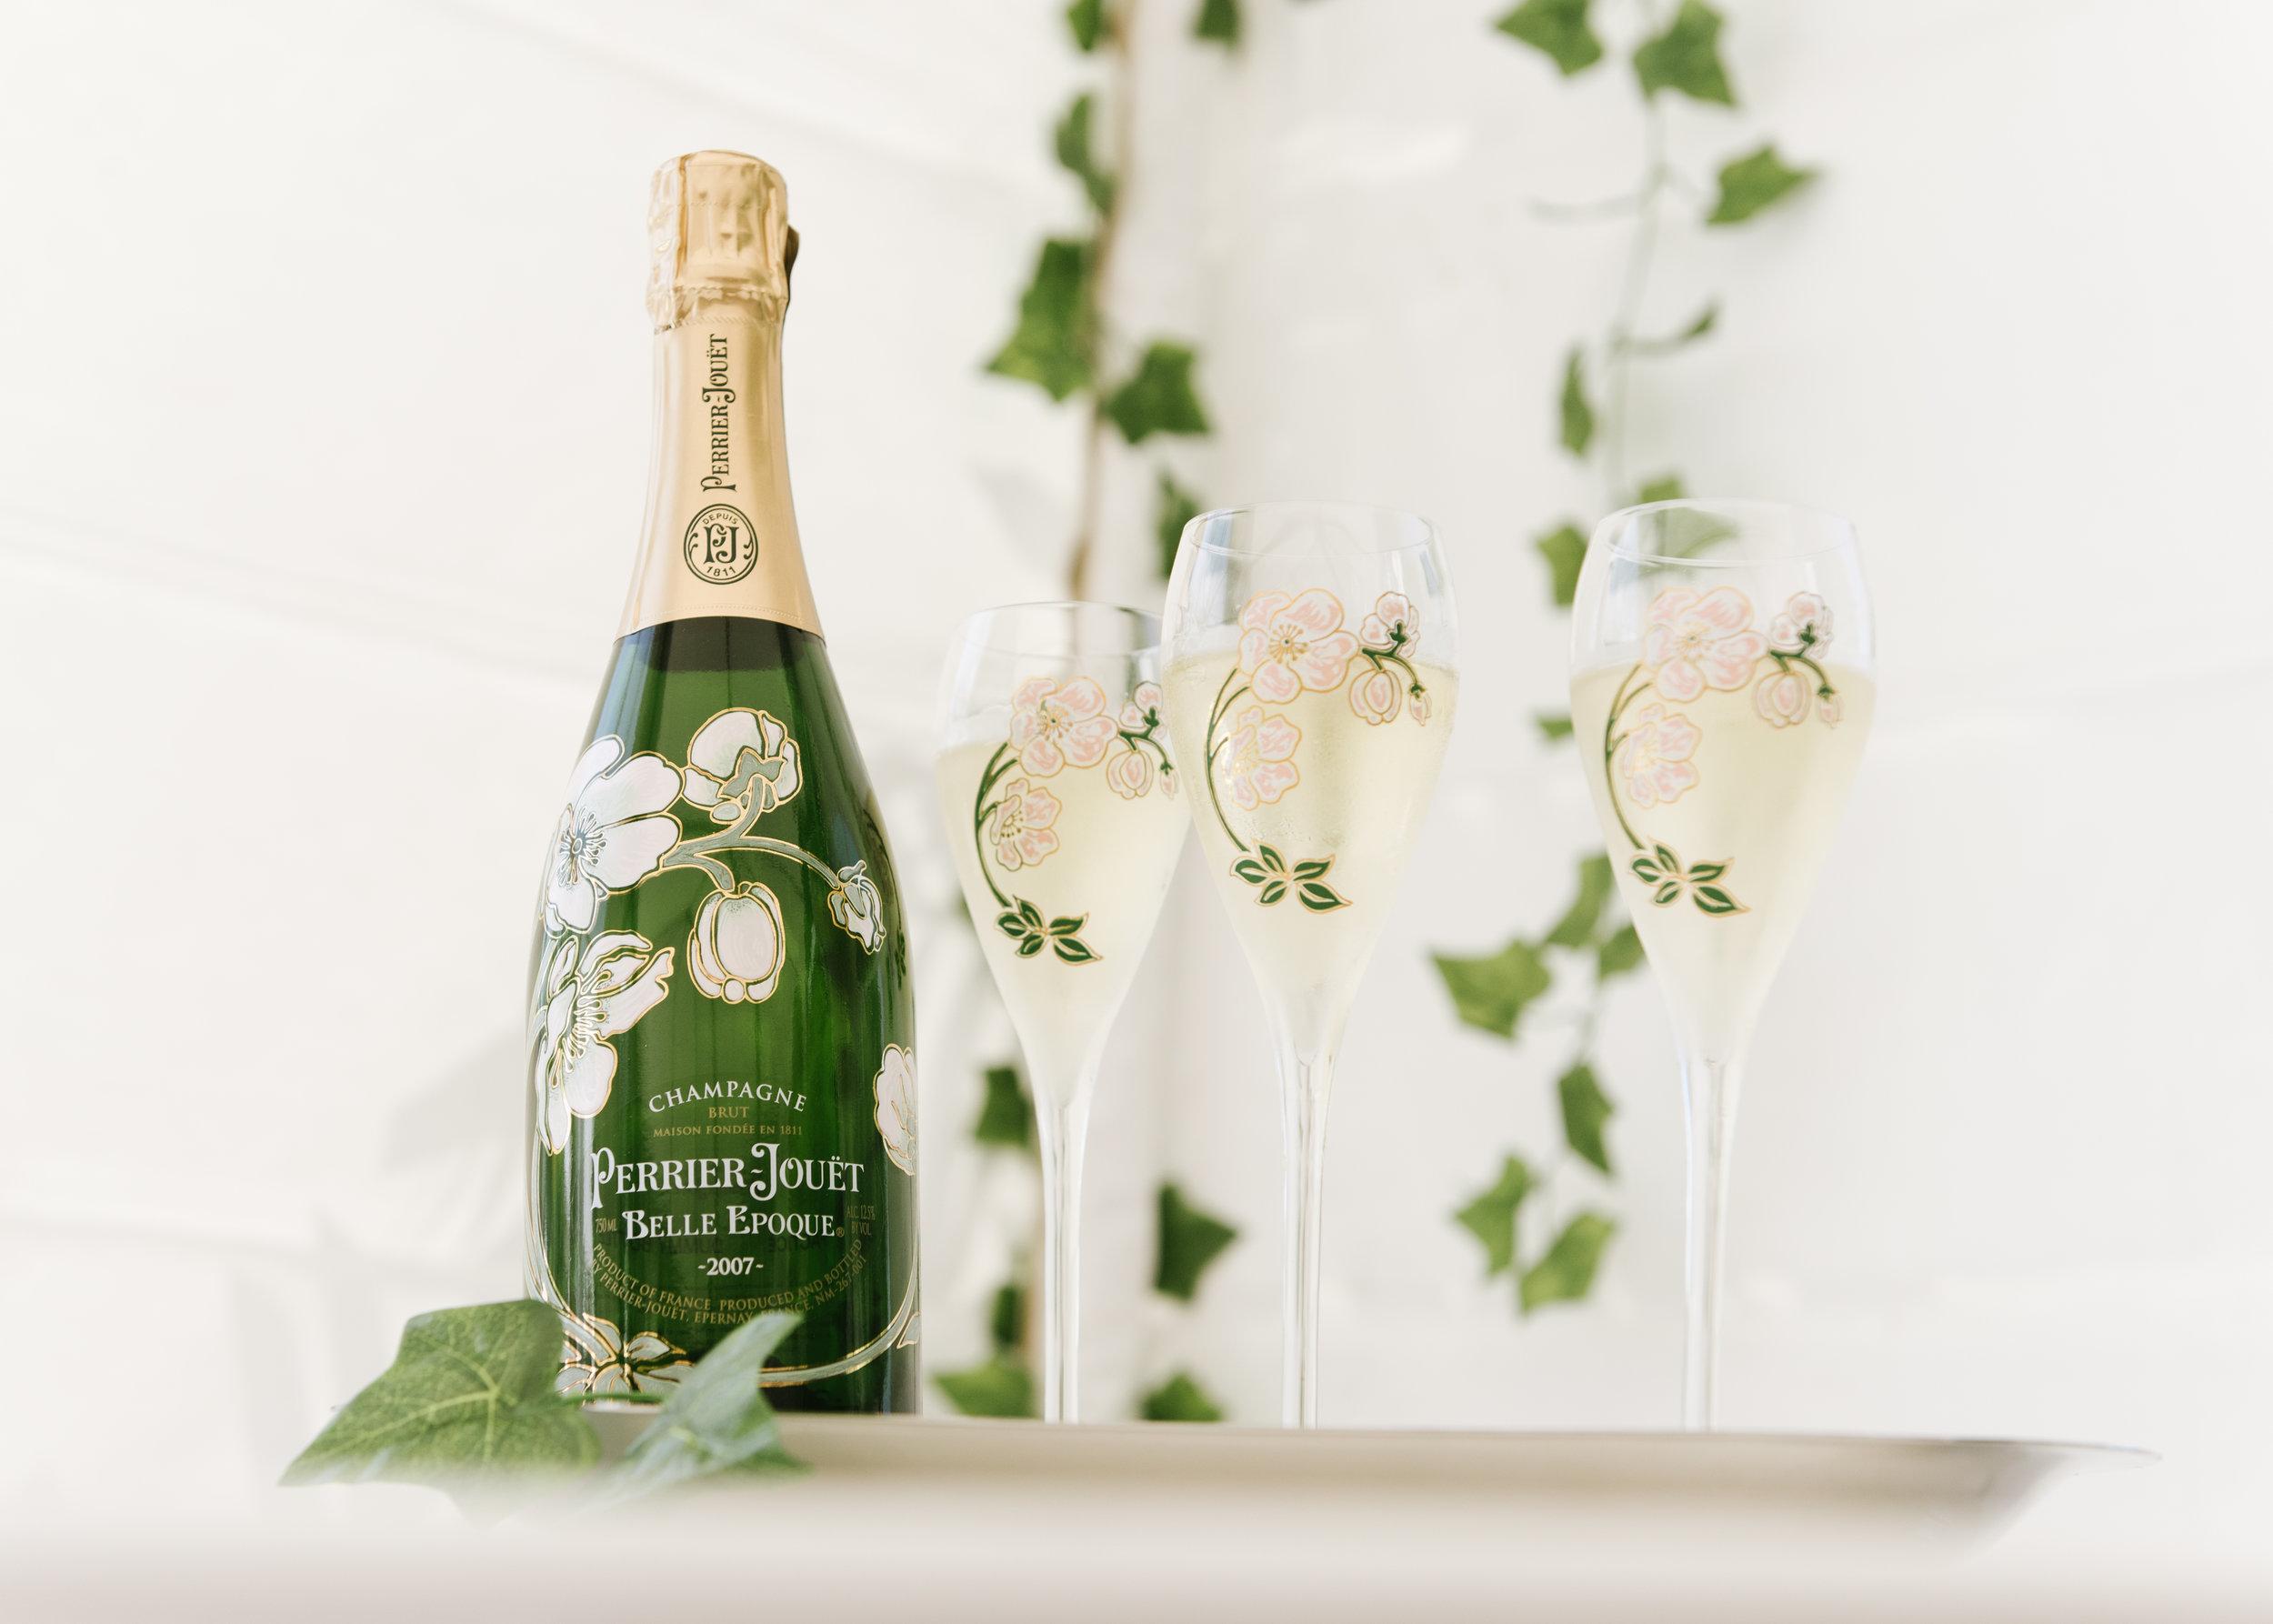 Pernod Ricard_Perrier Jouet_Cole Beal-10.jpg